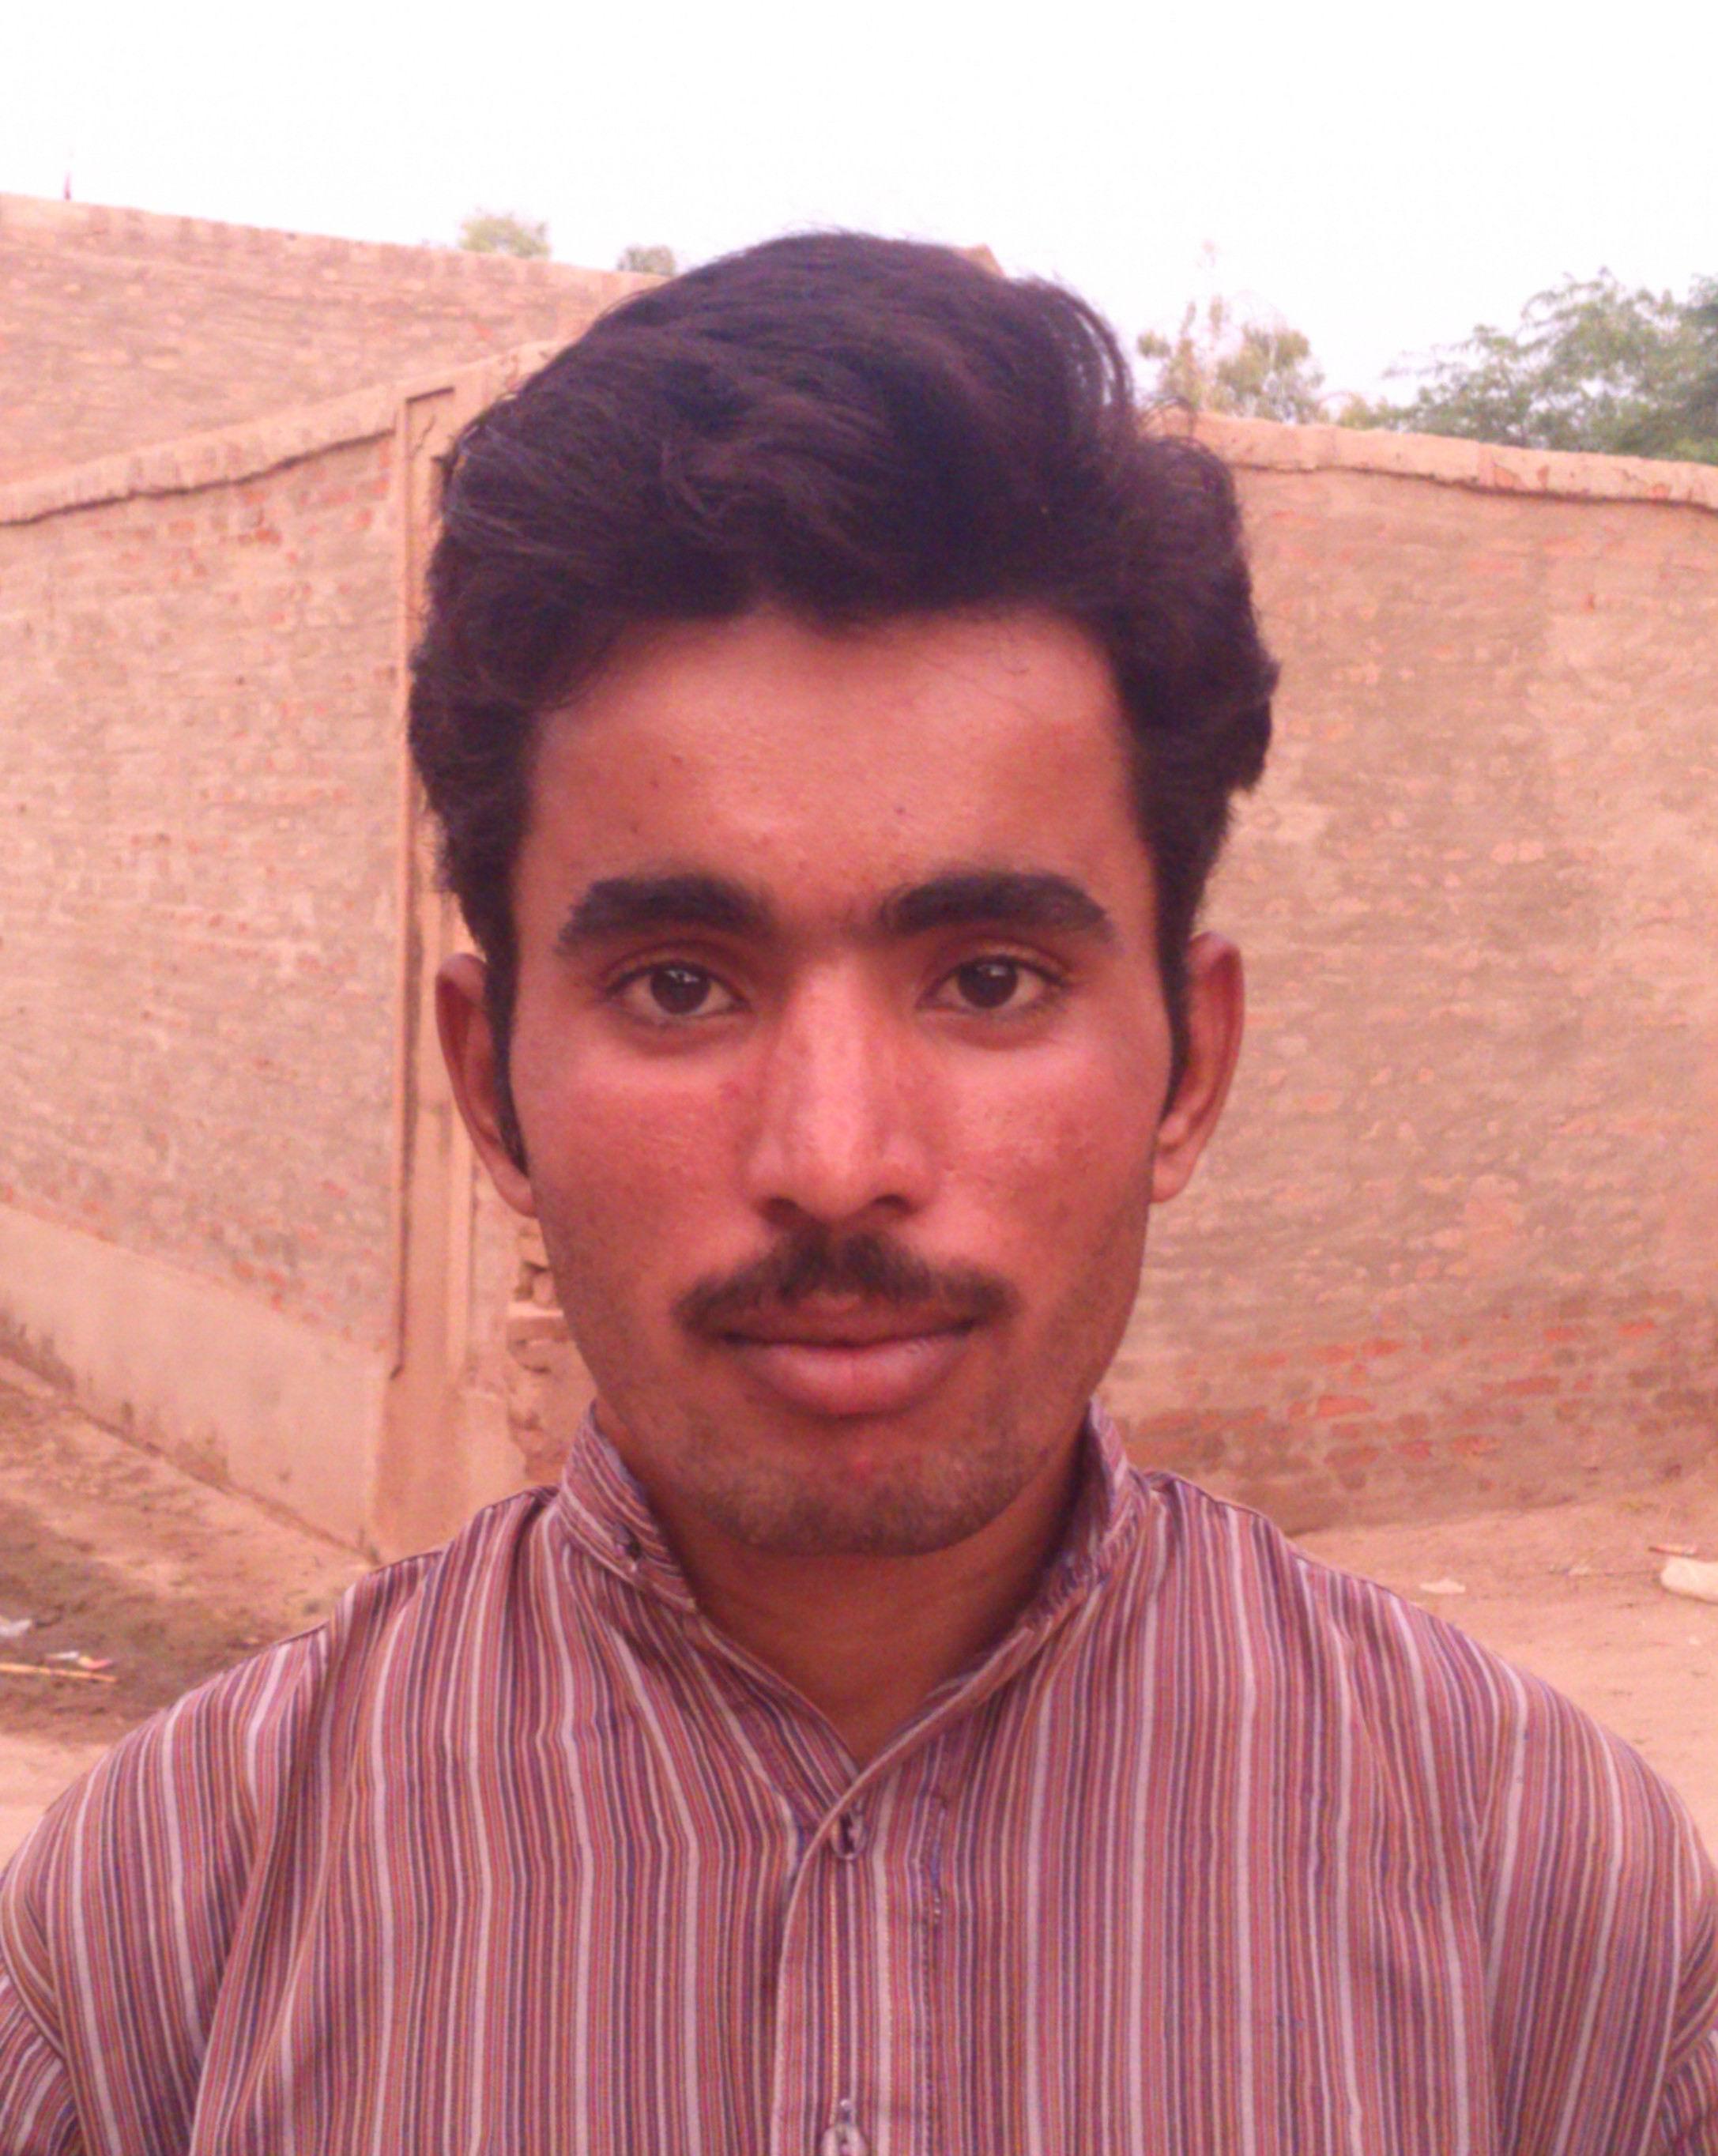 Ahmad Nawaz